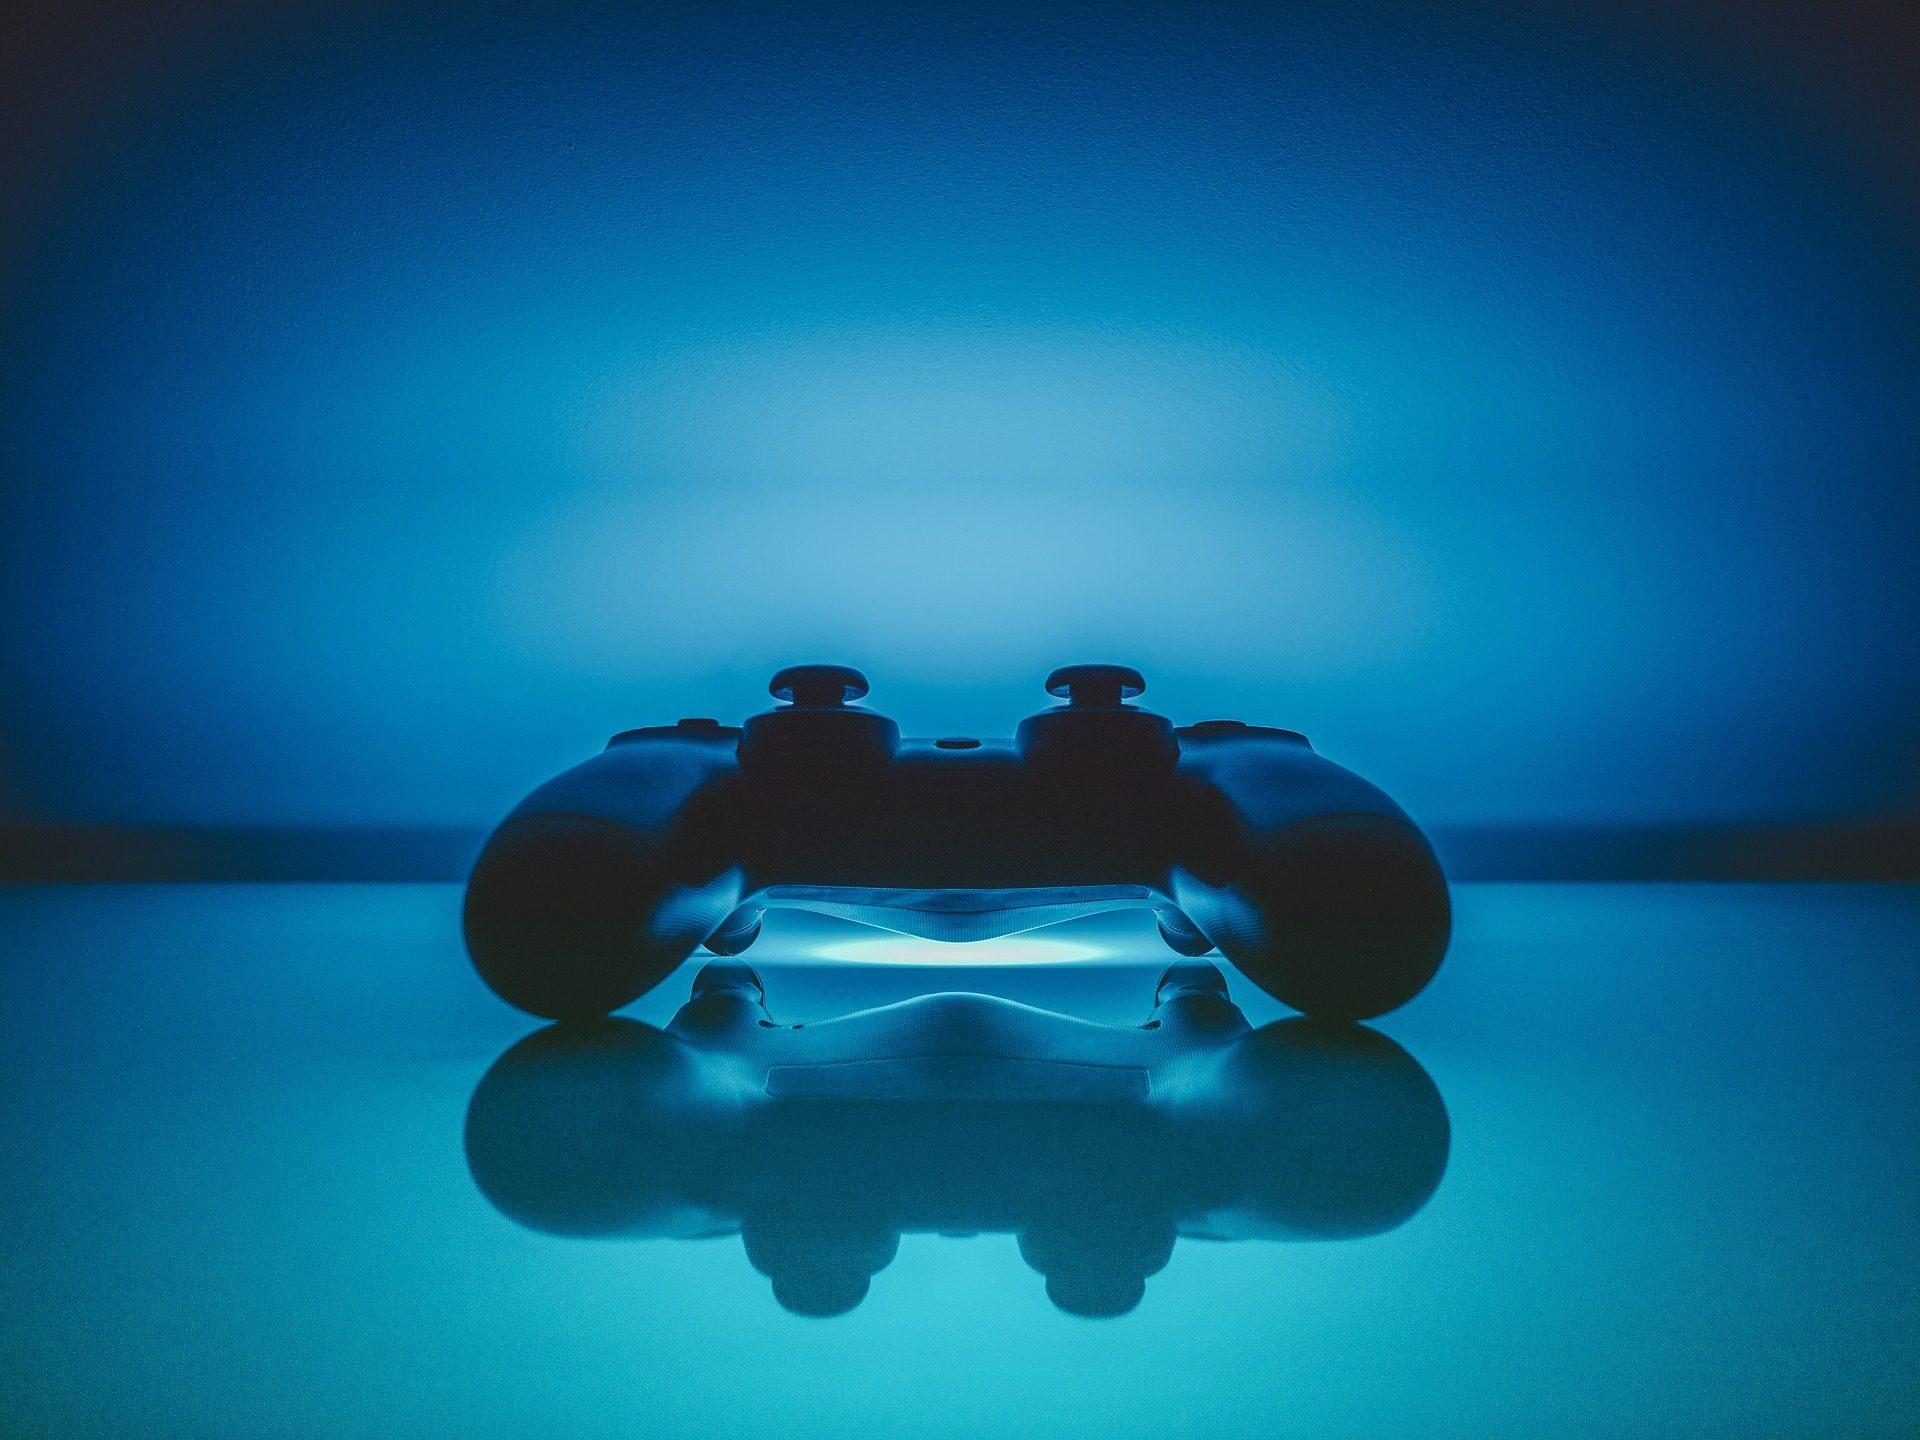 Fernbedienung, Konsole, Video-Spiele, Kontrolle, Joystick - Wallpaper HD - Prof.-falken.com